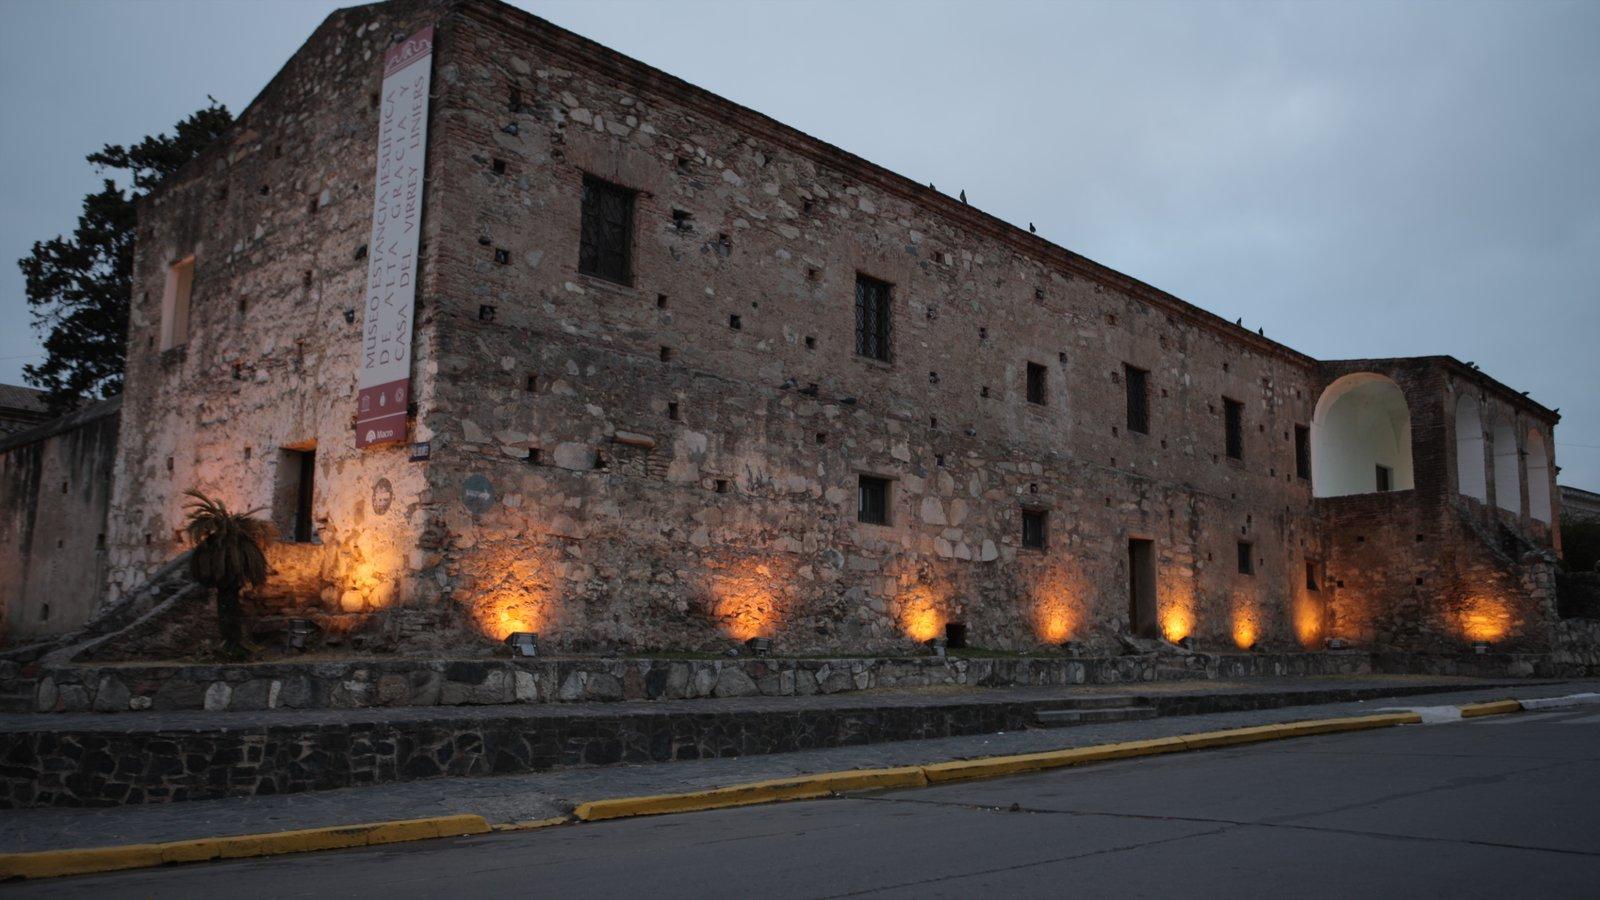 Cordoba mostrando cenas noturnas e arquitetura de patrimônio